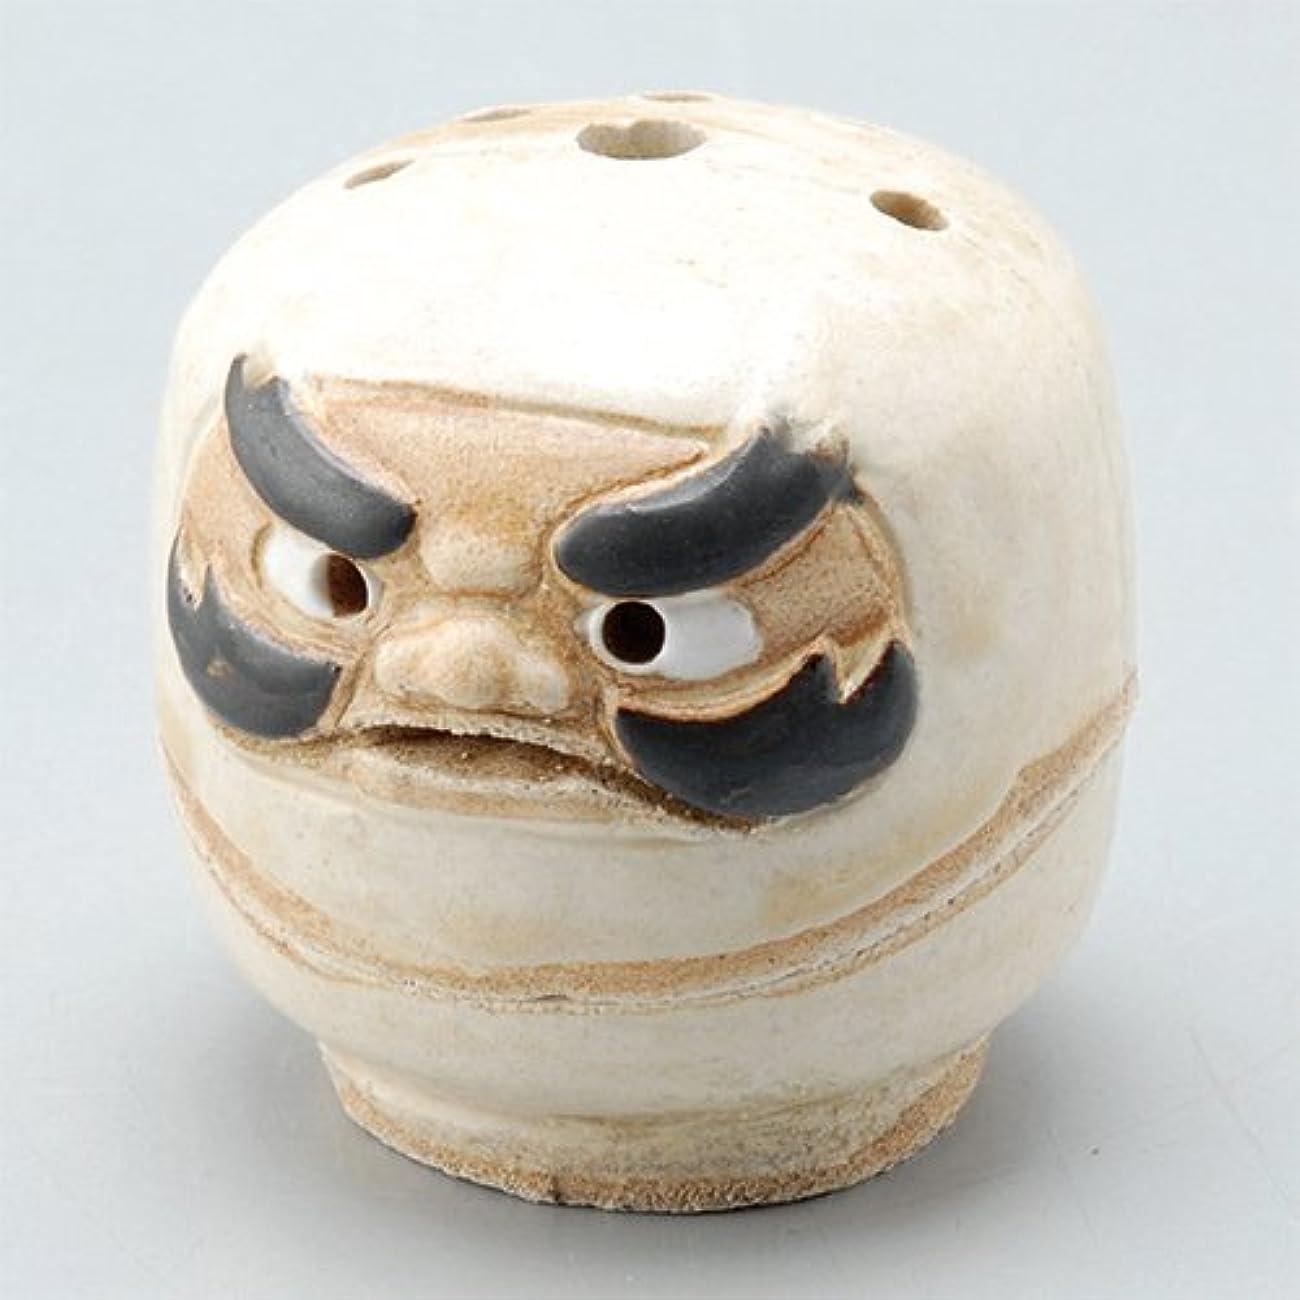 乱気流世界記録のギネスブックひそかに香炉 飾り香炉(達磨) [H5.6cm] HANDMADE プレゼント ギフト 和食器 かわいい インテリア